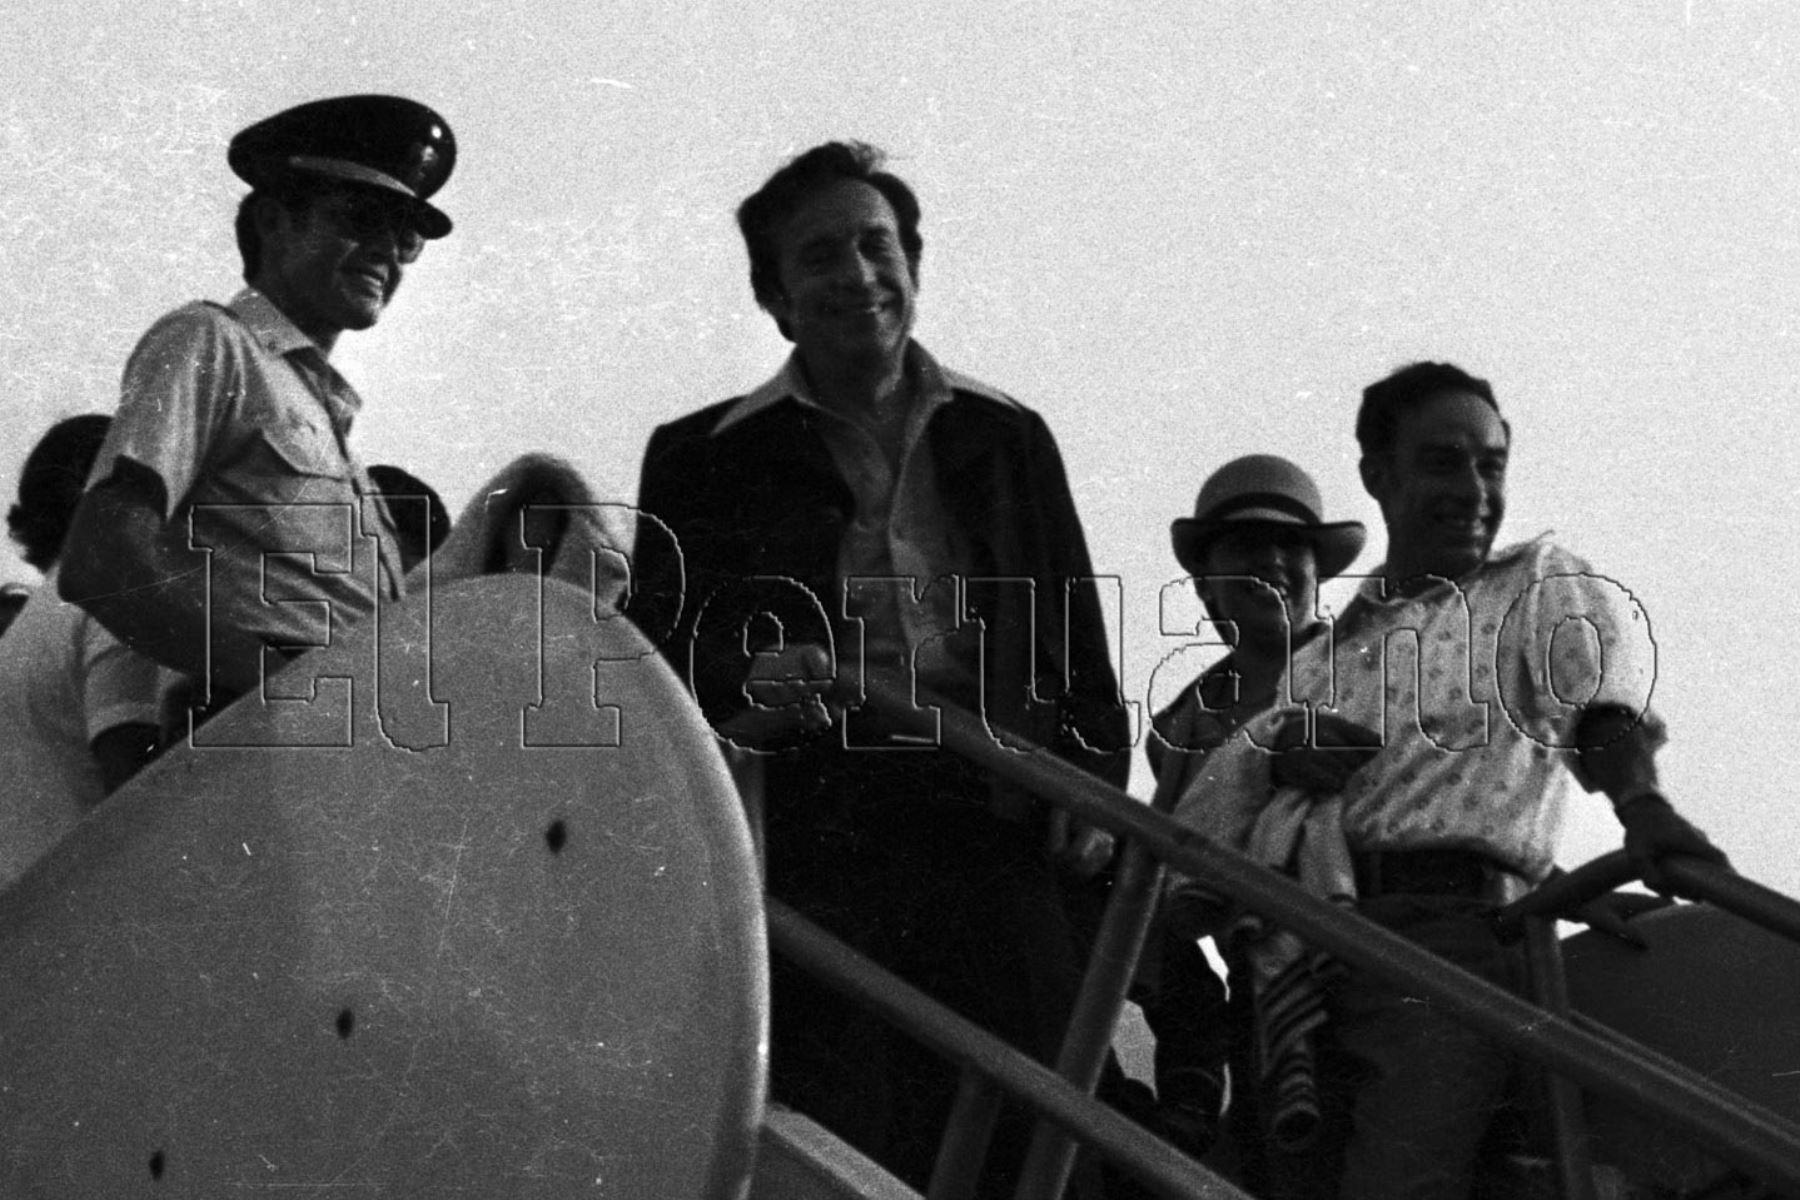 """Callao - 28 de marzo de 1979. Llegada del elenco de la serie de televisión """"El Chavo del 8"""". Roberto Gómez Bolaños en la escalinata del avión a su arribo al aeropuerto Jorge Chávez. Foto: Archivo El Peruano"""